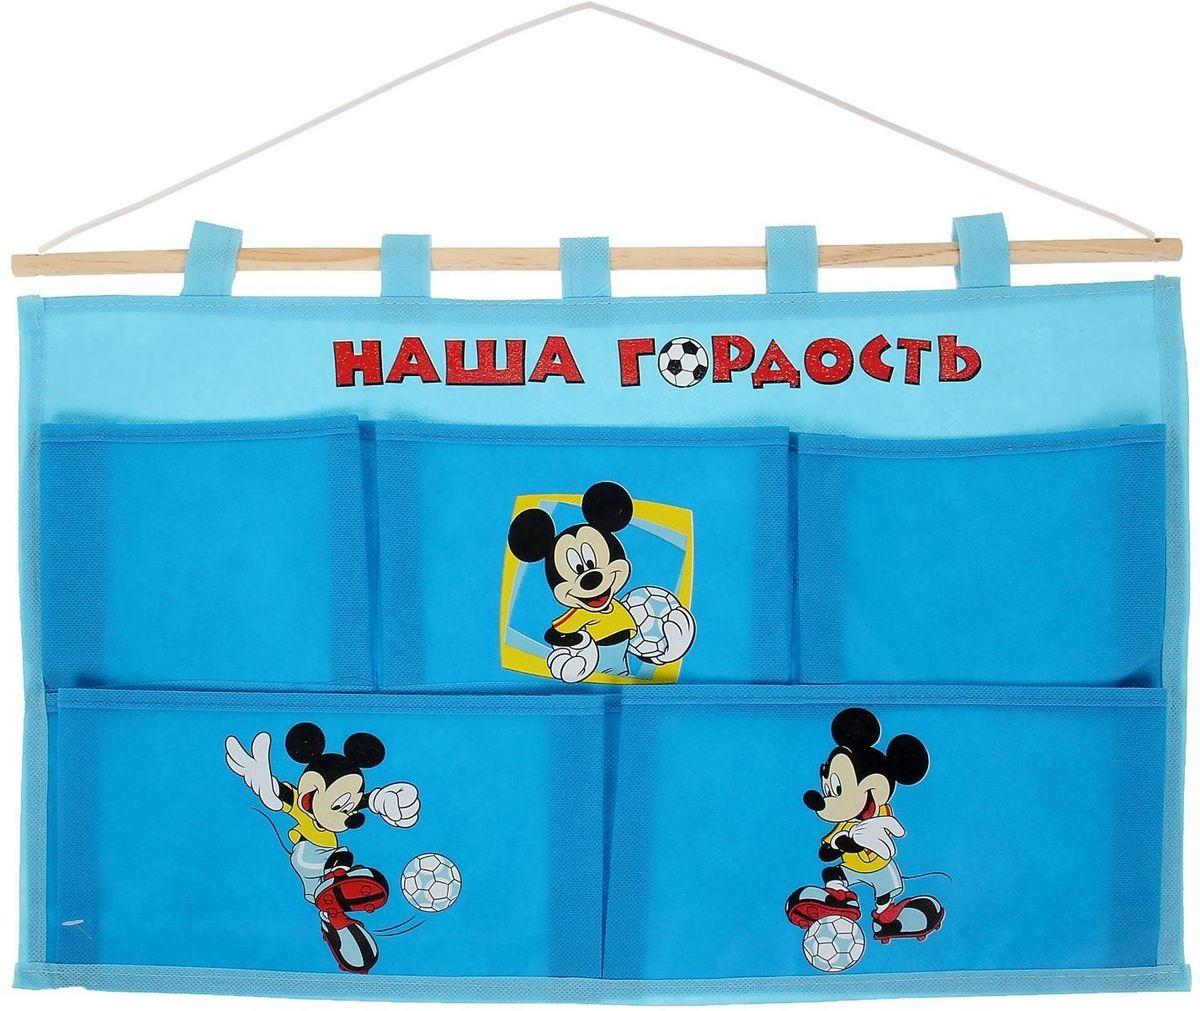 Disney Кармашки настенные Наша гордость Микки Маус 5 отделений1162116Порядок с любимыми героями Disney. Украсьте комнату ребёнка стильным и полезным аксессуаром. Настенные кармашки организуют вещи малышки и помогут содержать комнату в чистоте и порядке. Положите туда игрушки или одежду, и детская преобразится! Кармашки даже можно использовать в ванной комнате. Набор из нетканого материала спанбонд крепится на деревянную палочку, а вся конструкция подвешивается за верёвку. Яркие рисунки с любимыми персонажами нанесены по термотрансферной технологии. Изделие упаковано в прозрачный пакет, к которому прилагается небольшой шильд с героем Disney, где можно написать тёплые слова и пожелания для адресата. Соберите коллекцию аксессуаров с любимыми героями!